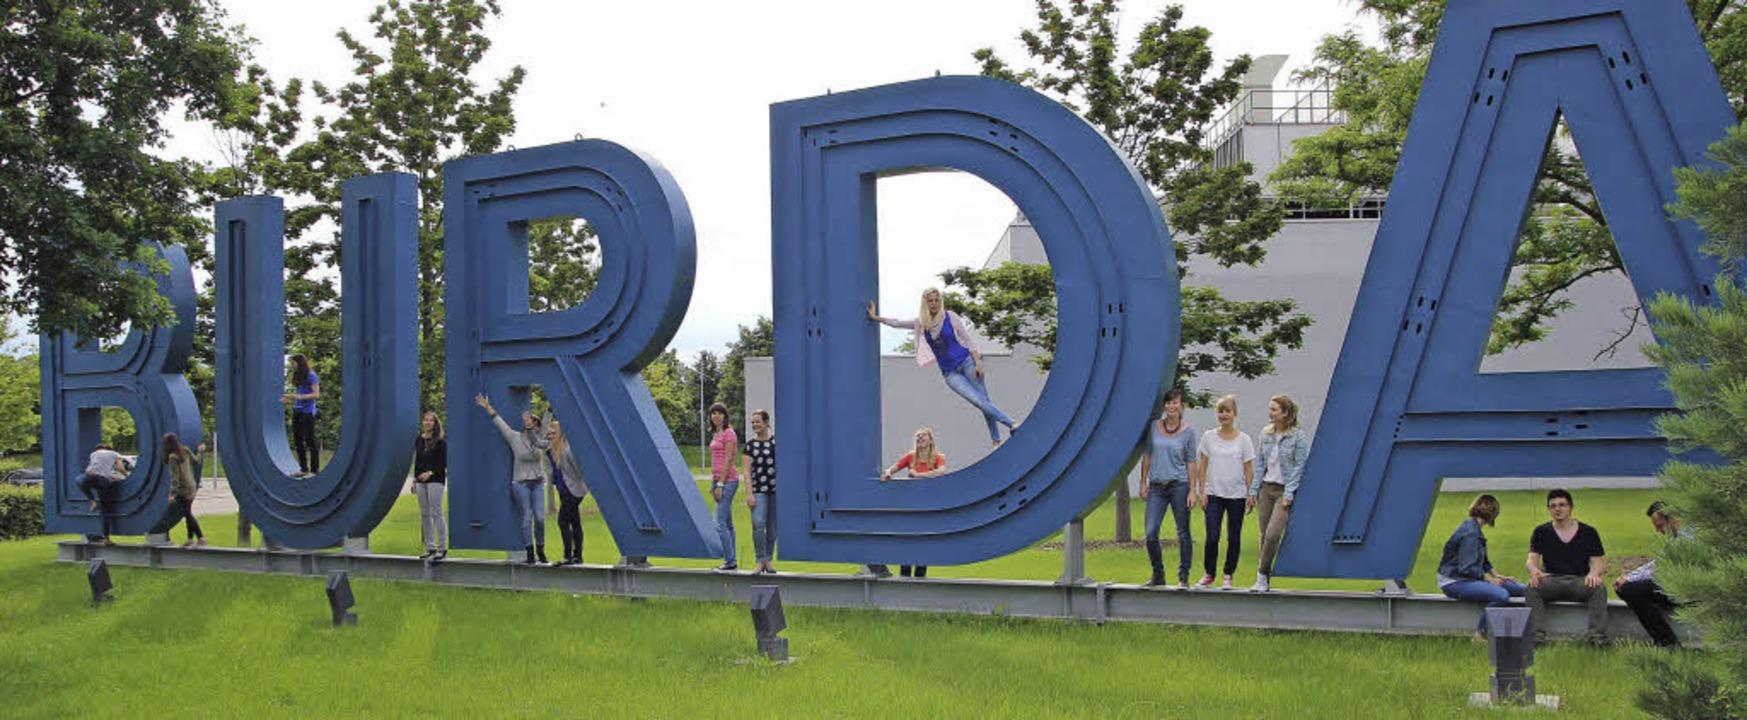 Dreh des Offenburger Happy-Films von B...Huber, hier mit Mitarbeitern von Burda    Foto: Bild honorarfrei